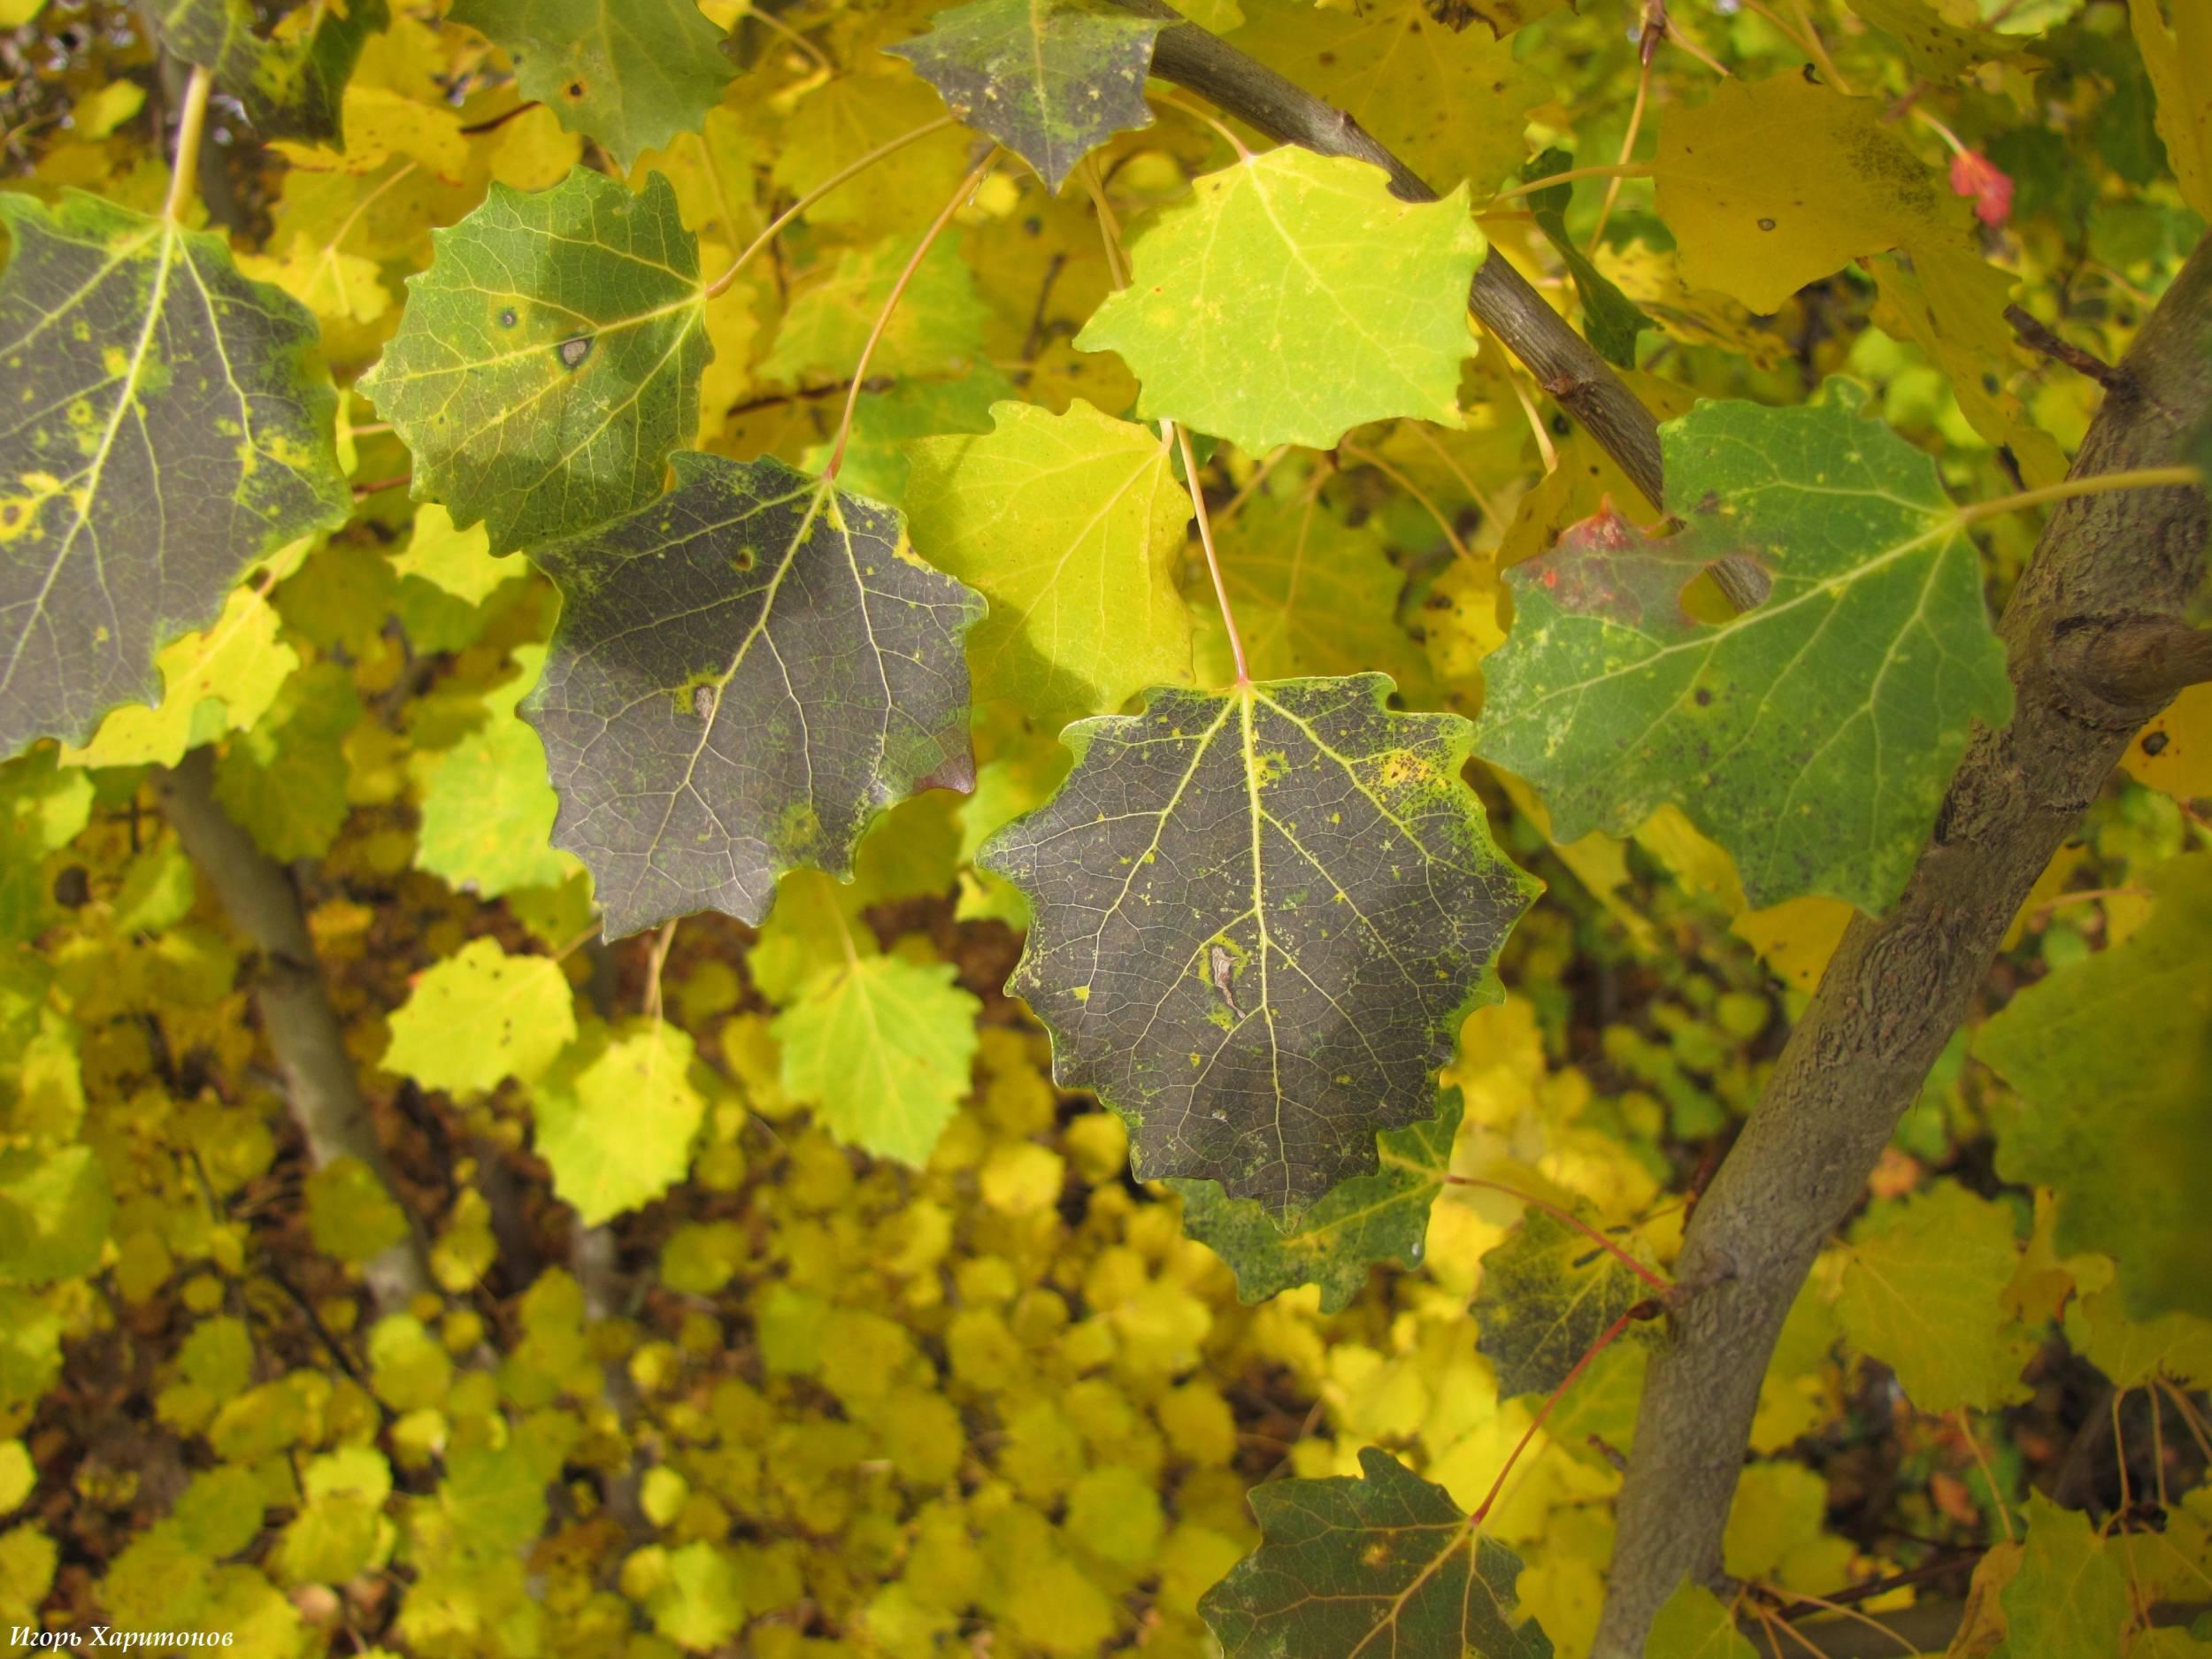 Фото листьев осины сделано в